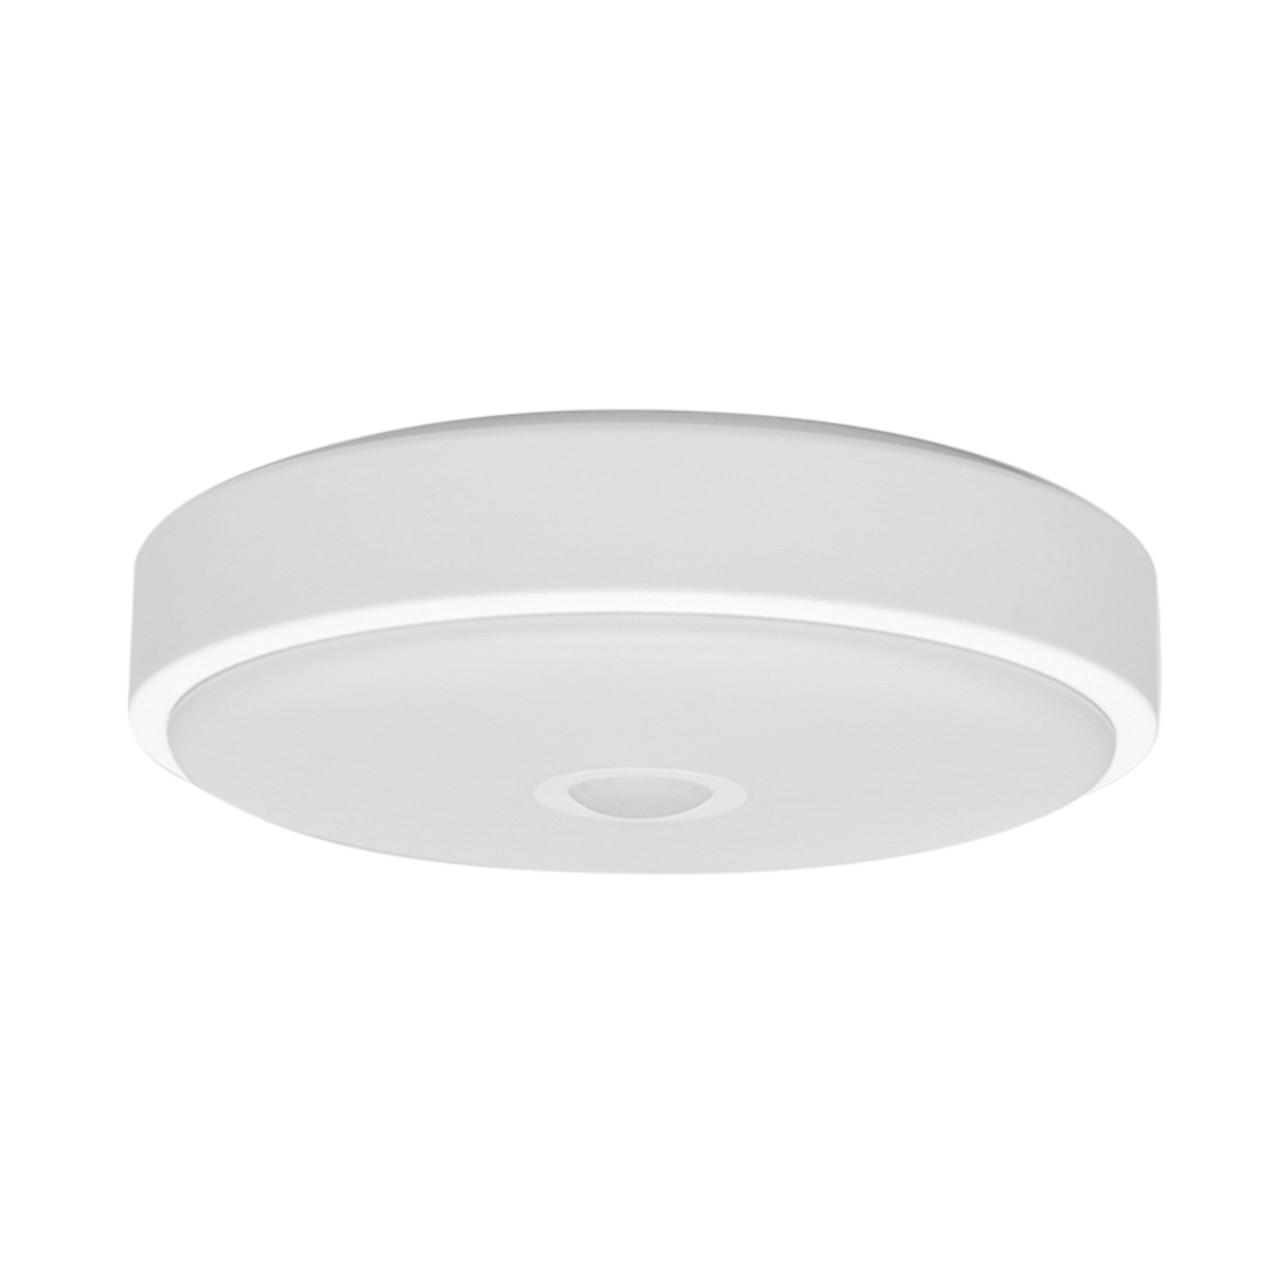 Потолочный светильник с датчиком движения Xiaomi Yeelight Meteorite Induction LED Ceiling Light Mini